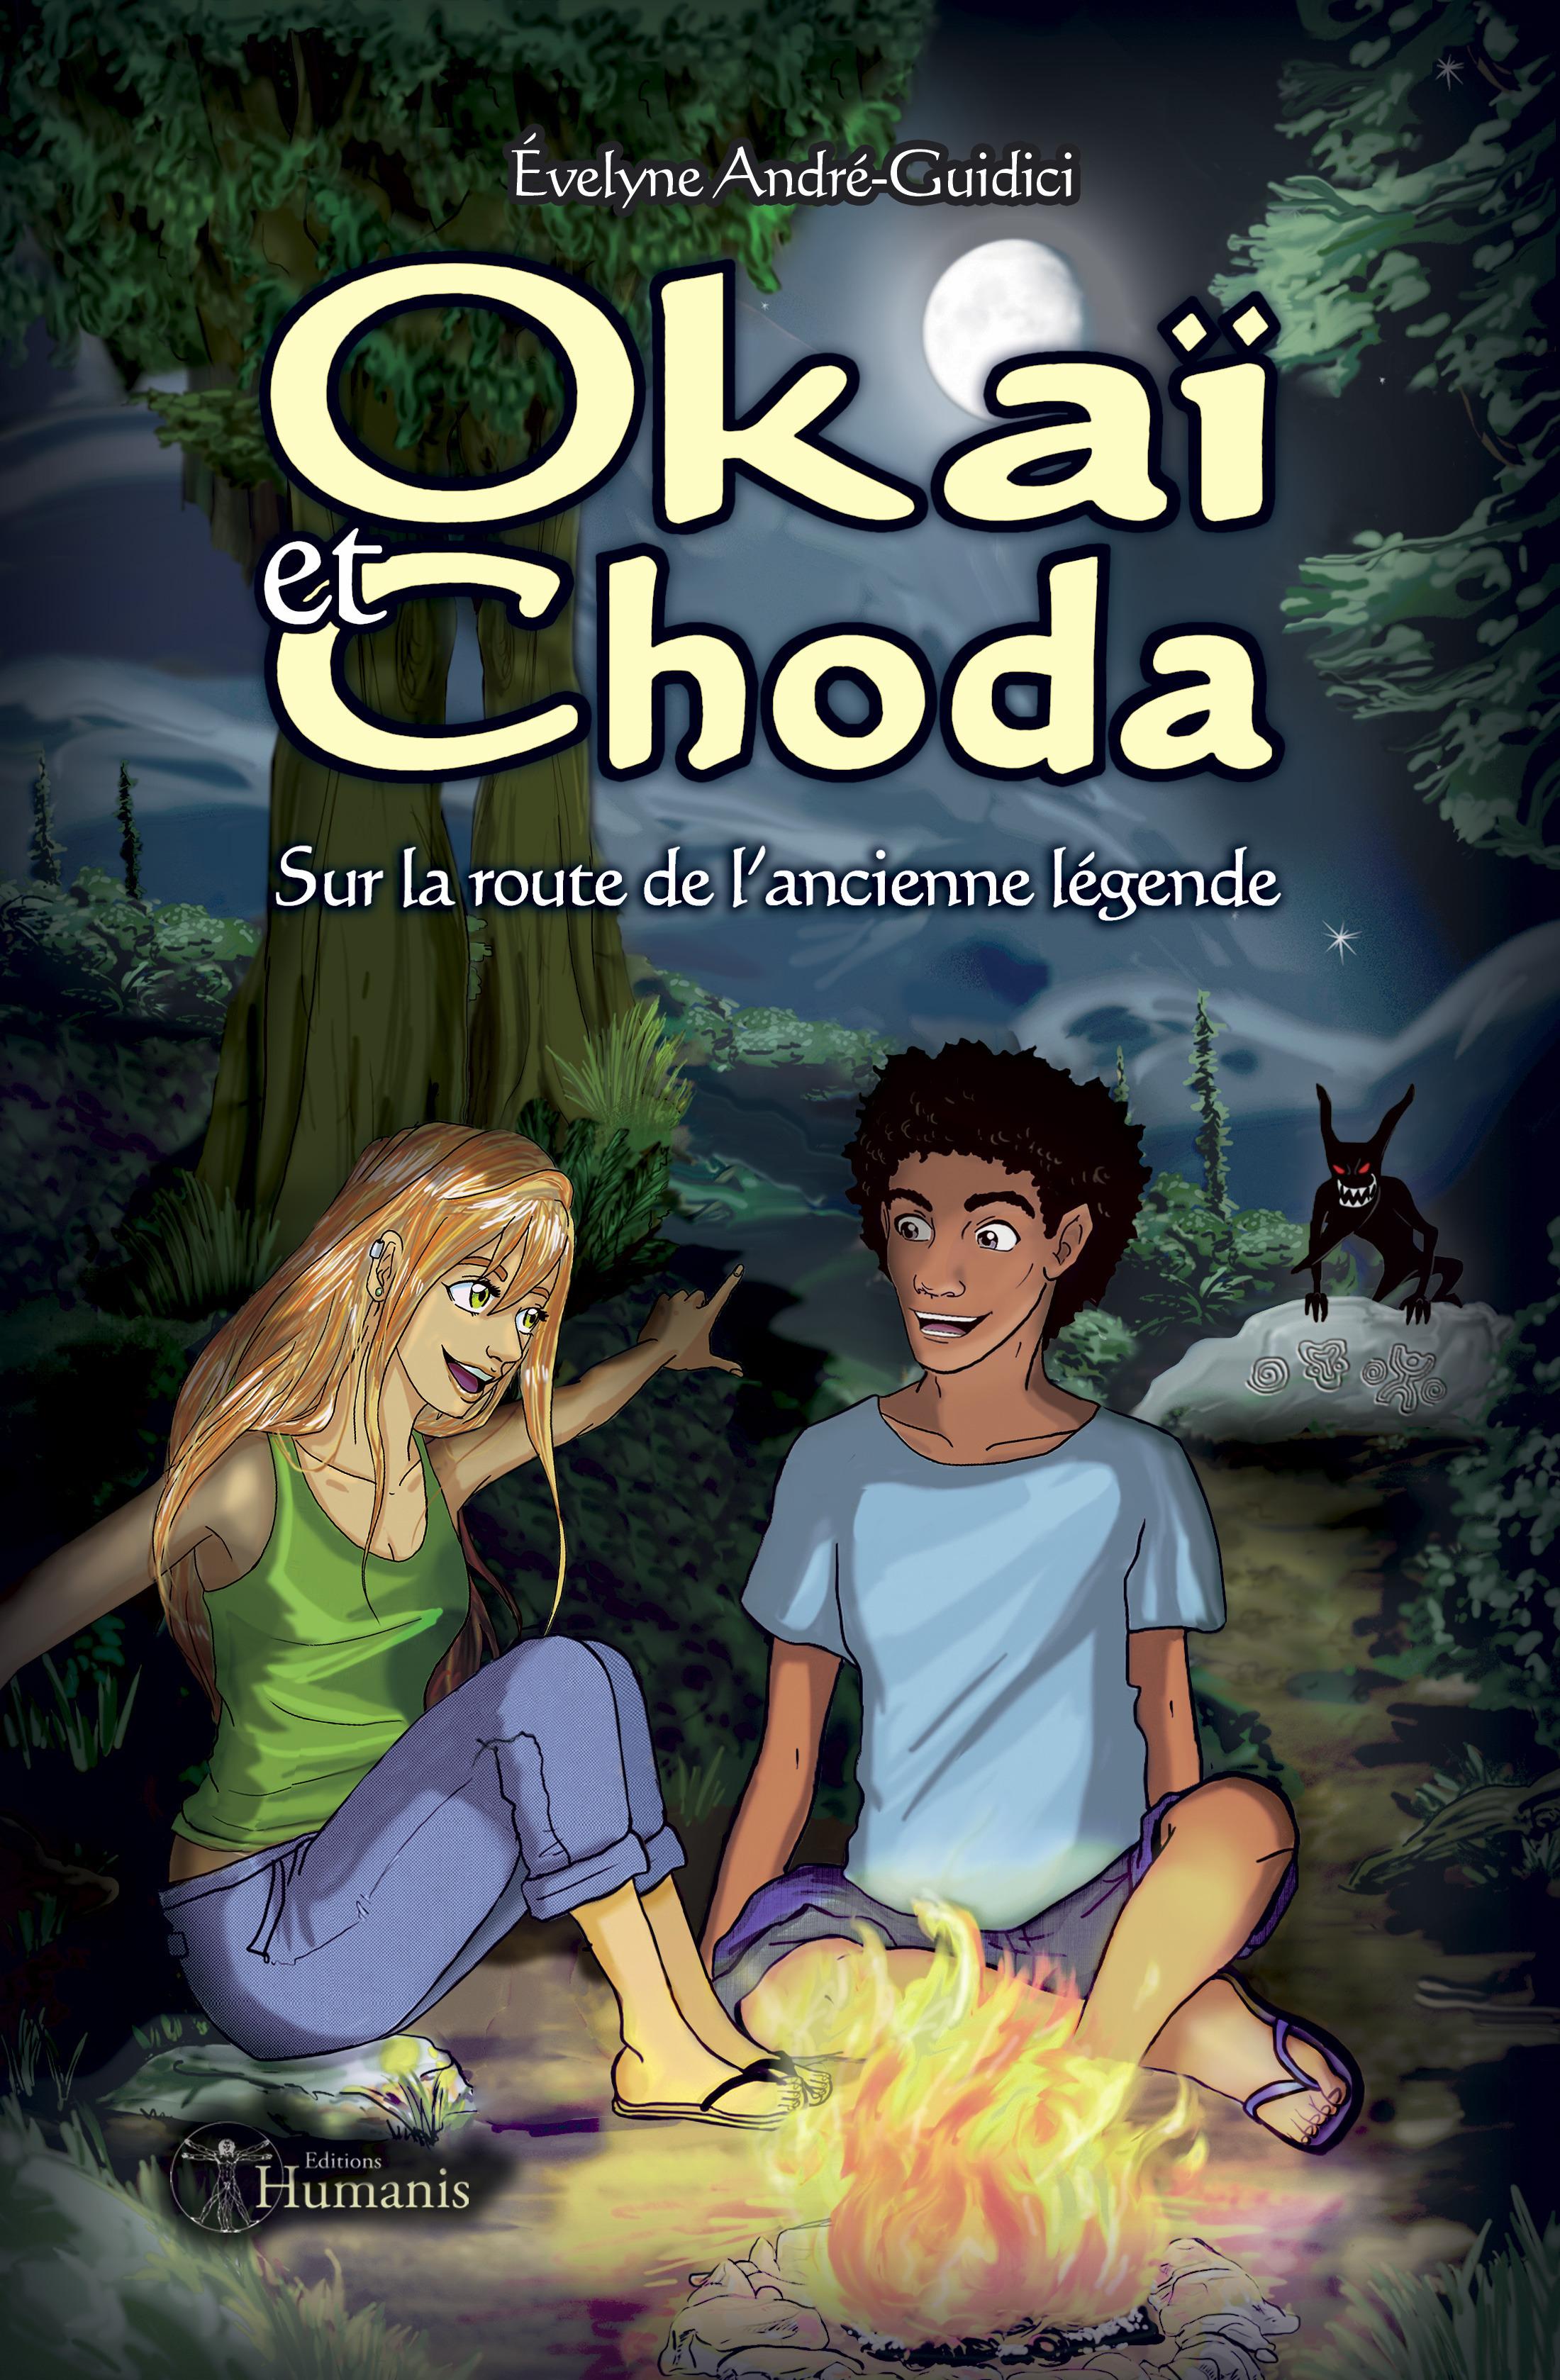 Okaï et Choda